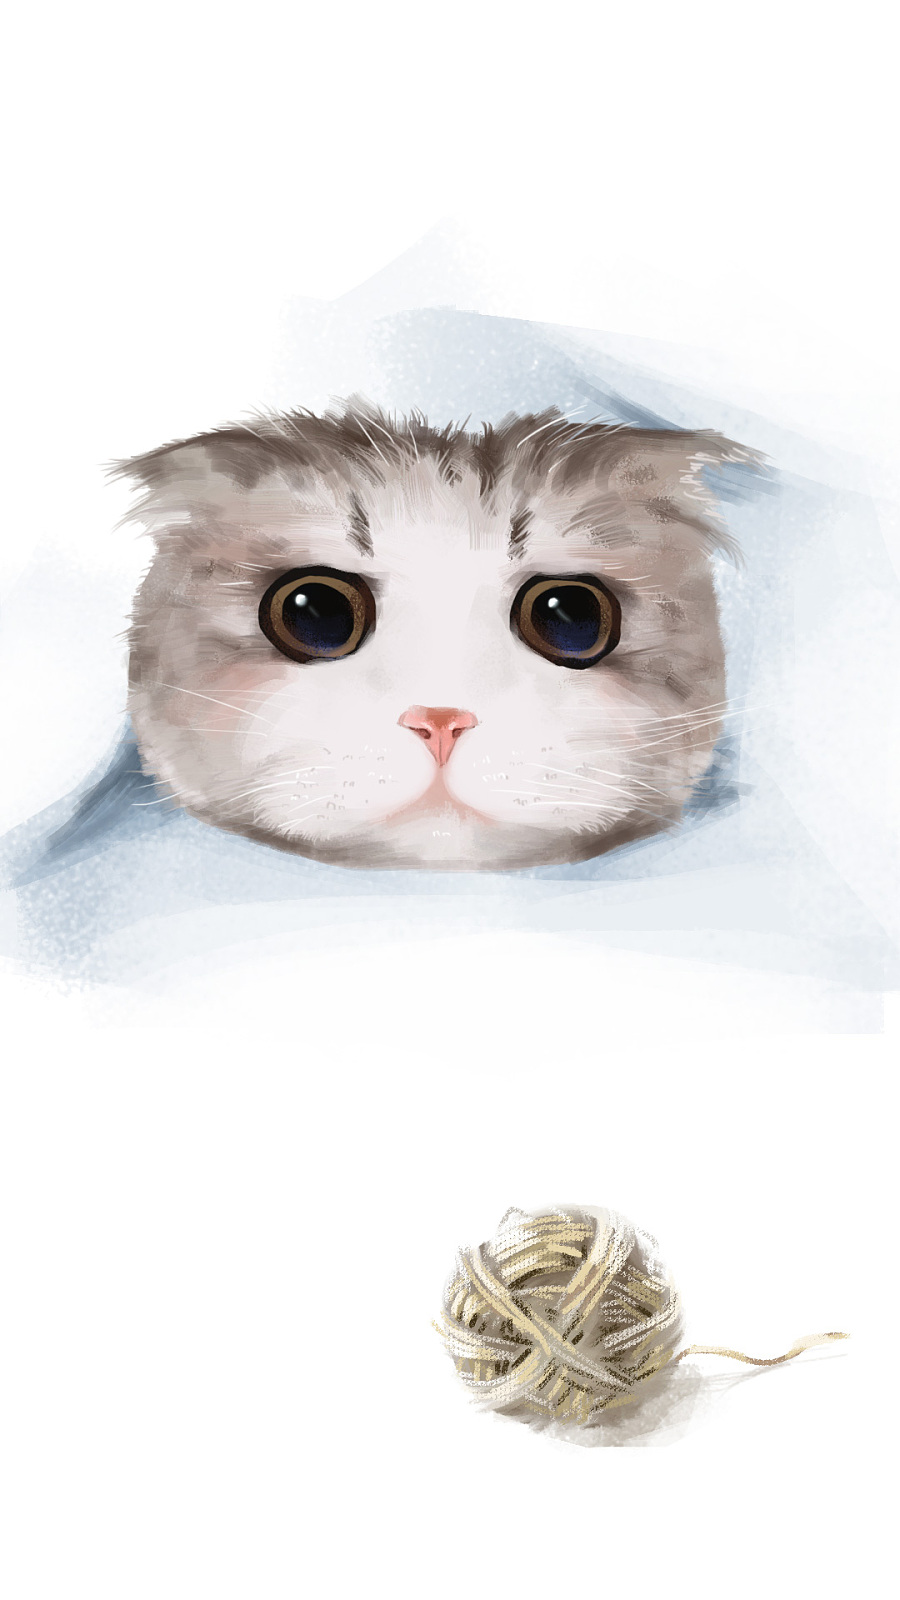 查看《喜欢mimi吗》原图,原图尺寸:1080x1920